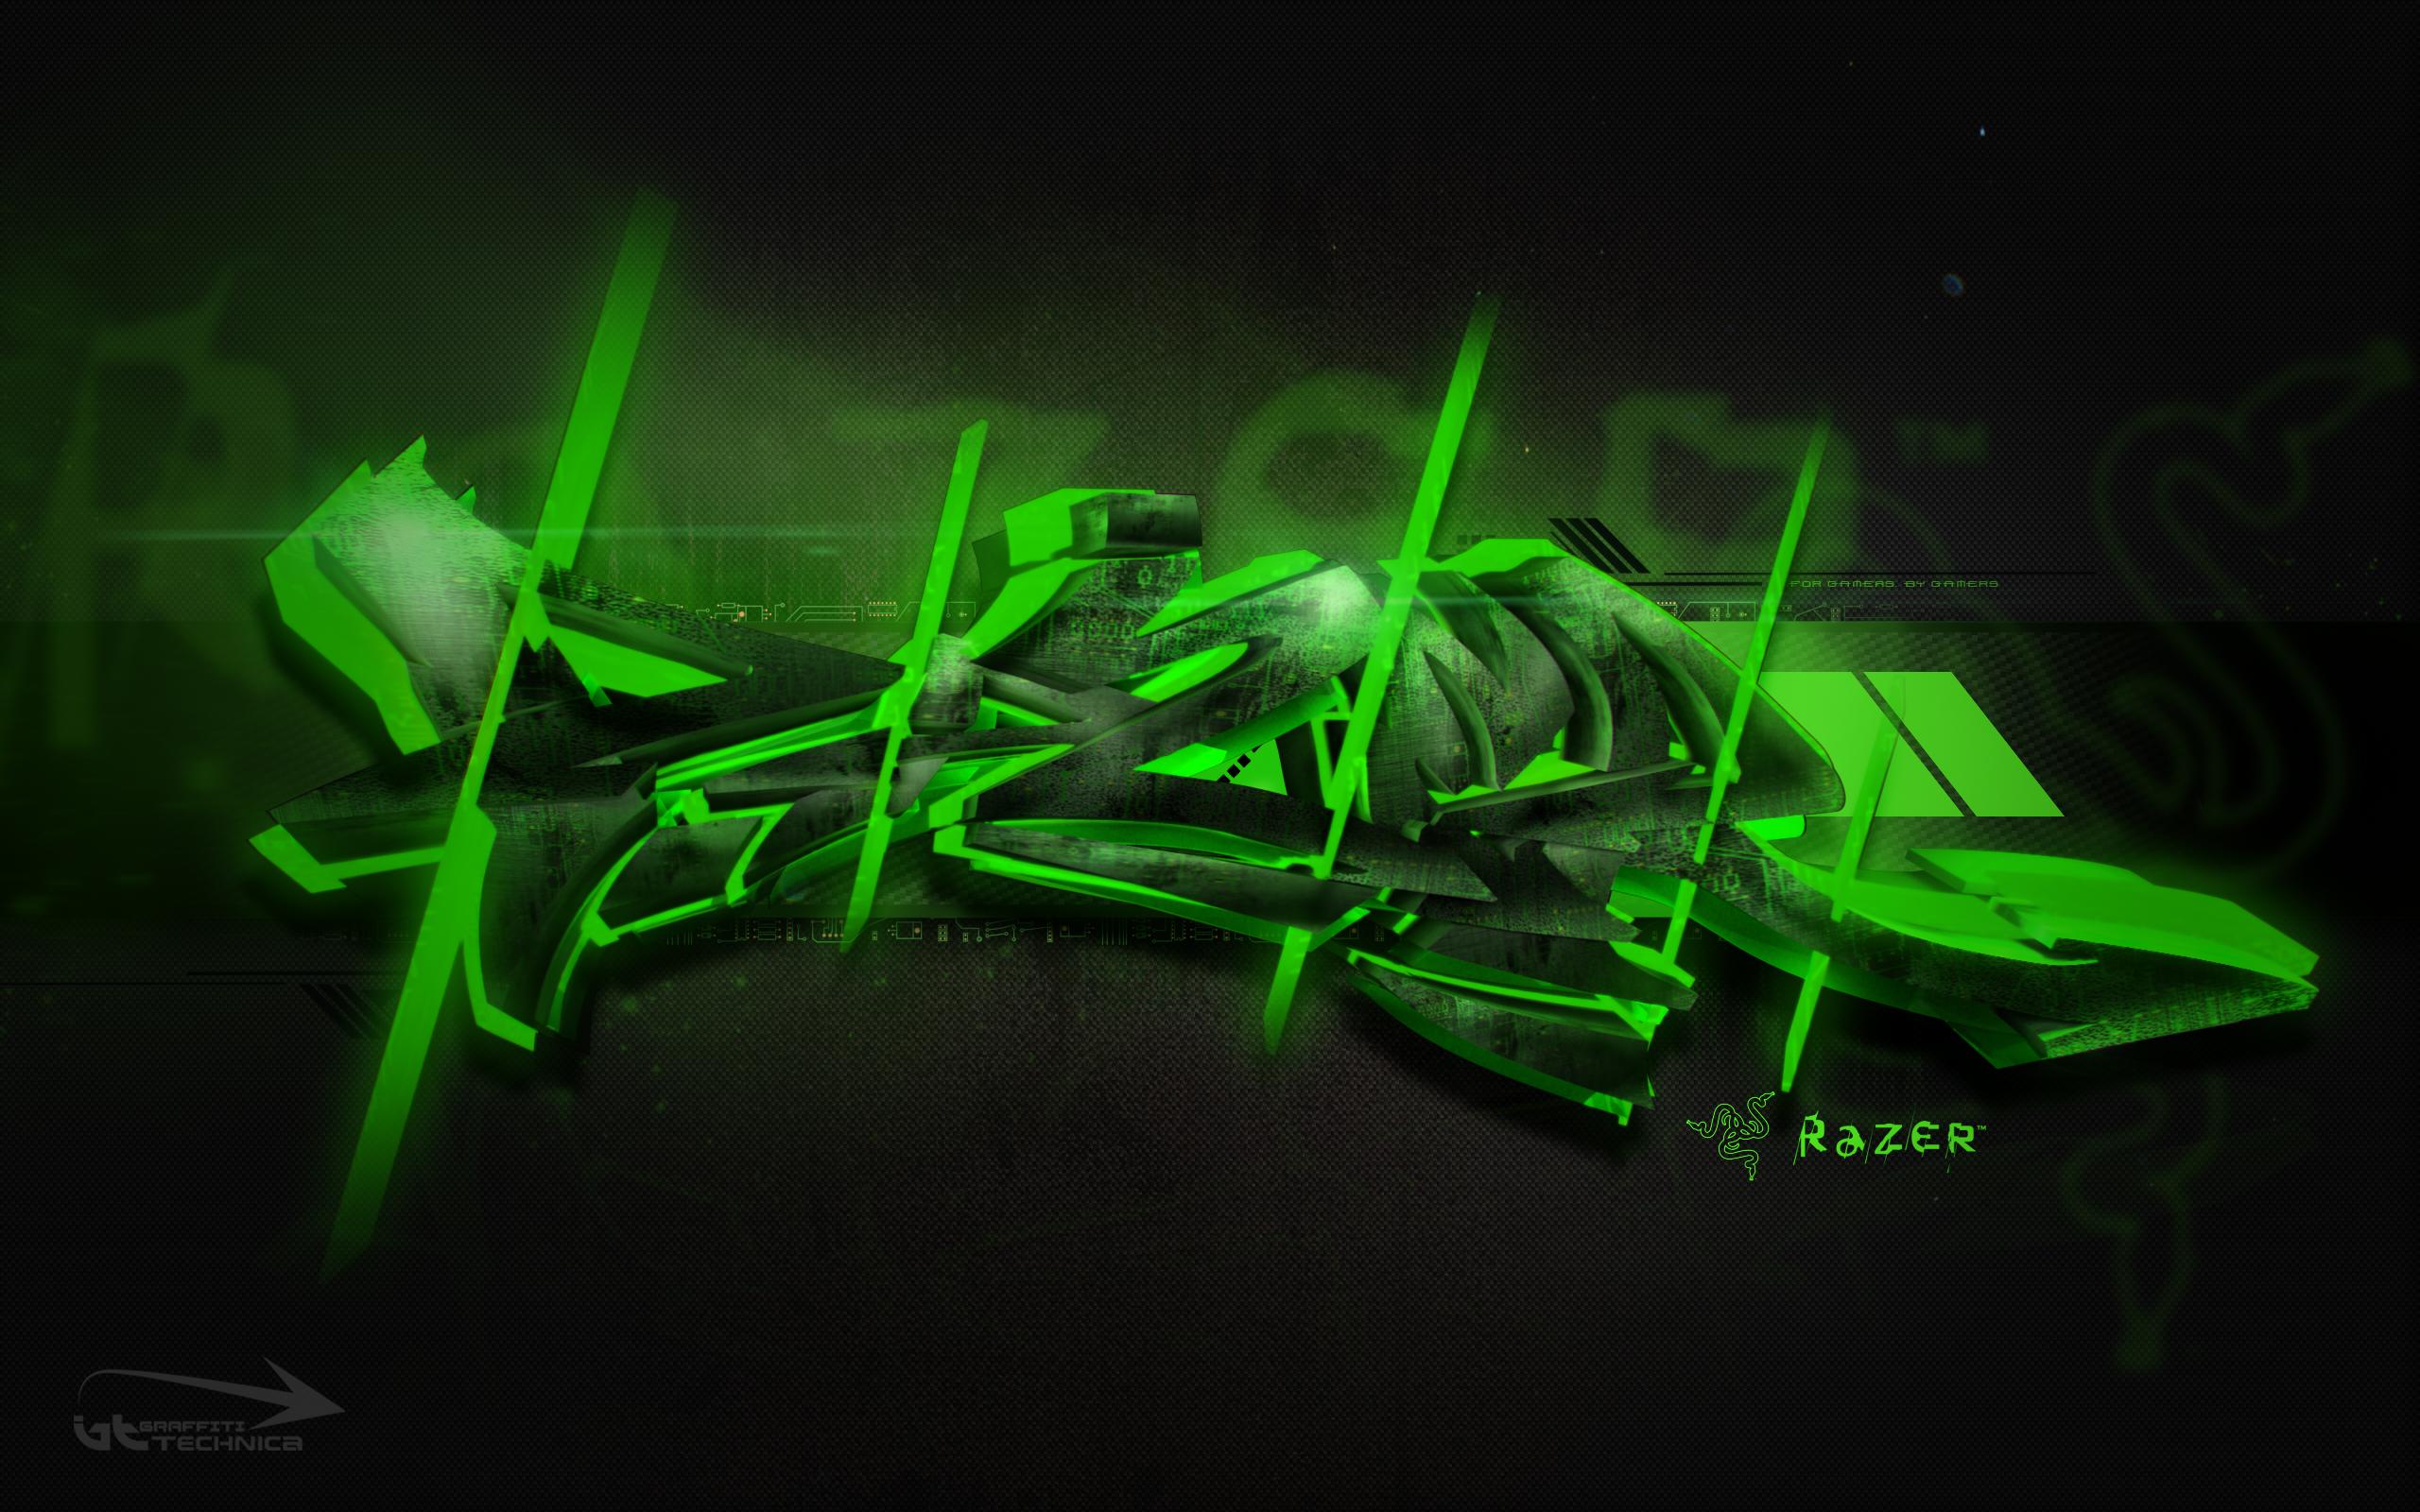 47 <b>Razer</b> Fonds d&#39-ecran HD   Arriere-plans - Wallpaper Abyss